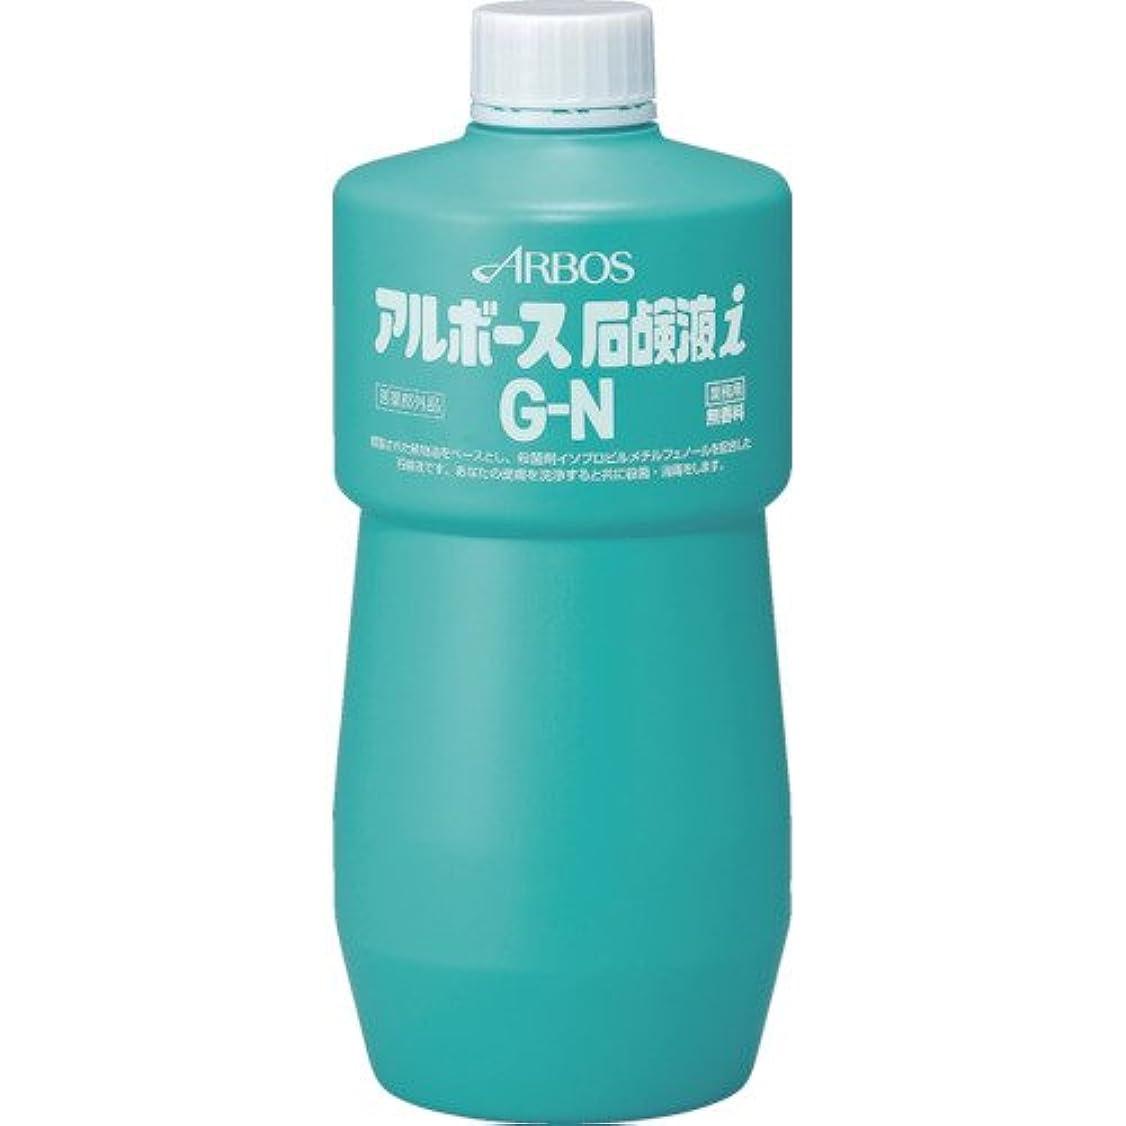 勉強するラッシュコースアルボース石鹸液iGN 1G [医薬部外品]